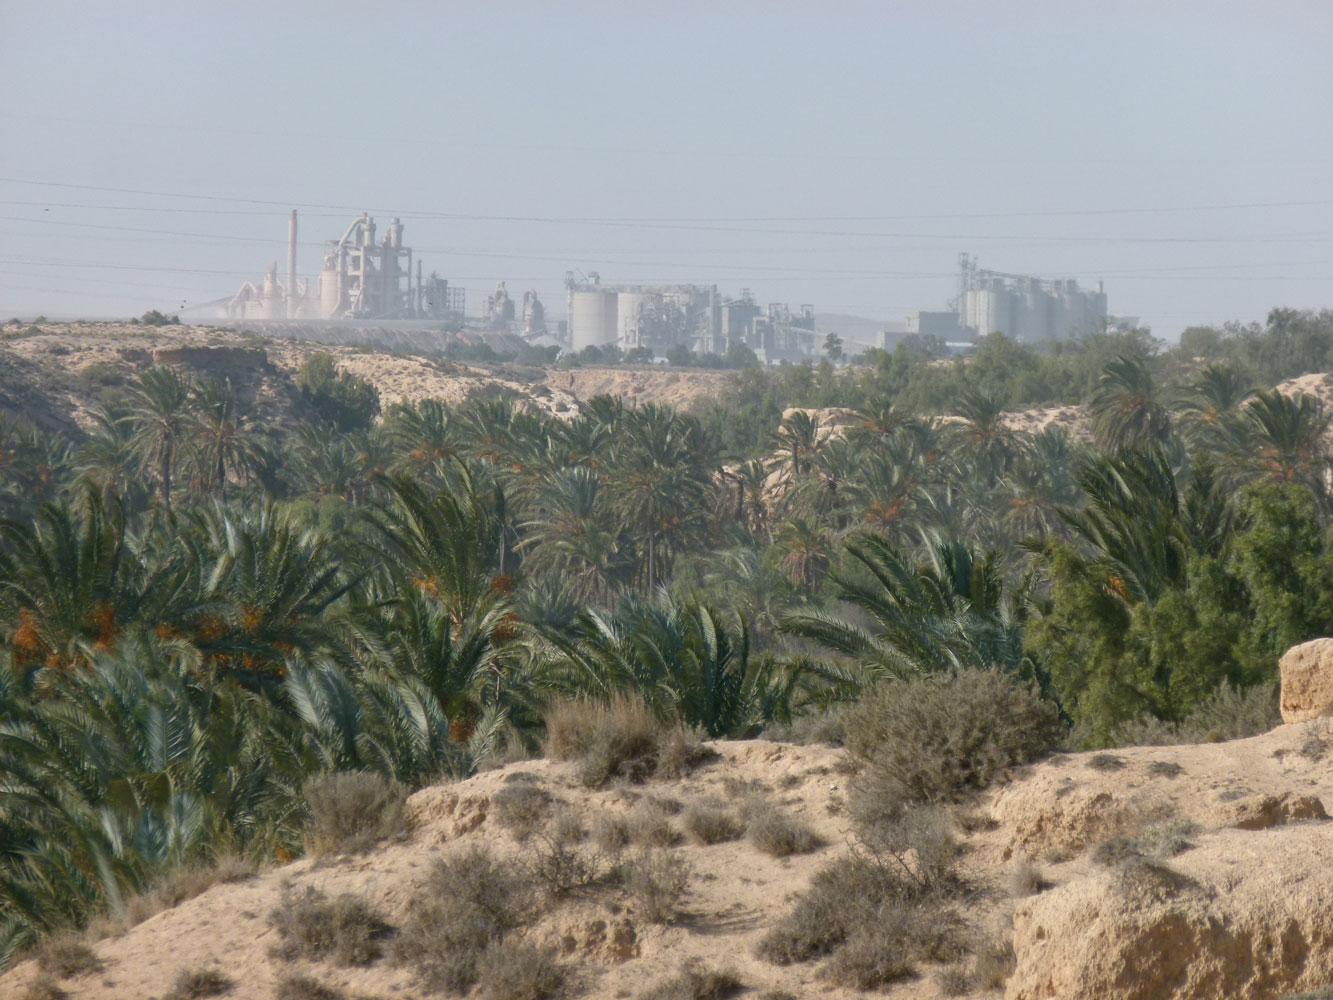 L'extraction des phosphates et leur fabrication en engrais a provoqué la désertification de Chenini à Gabès.